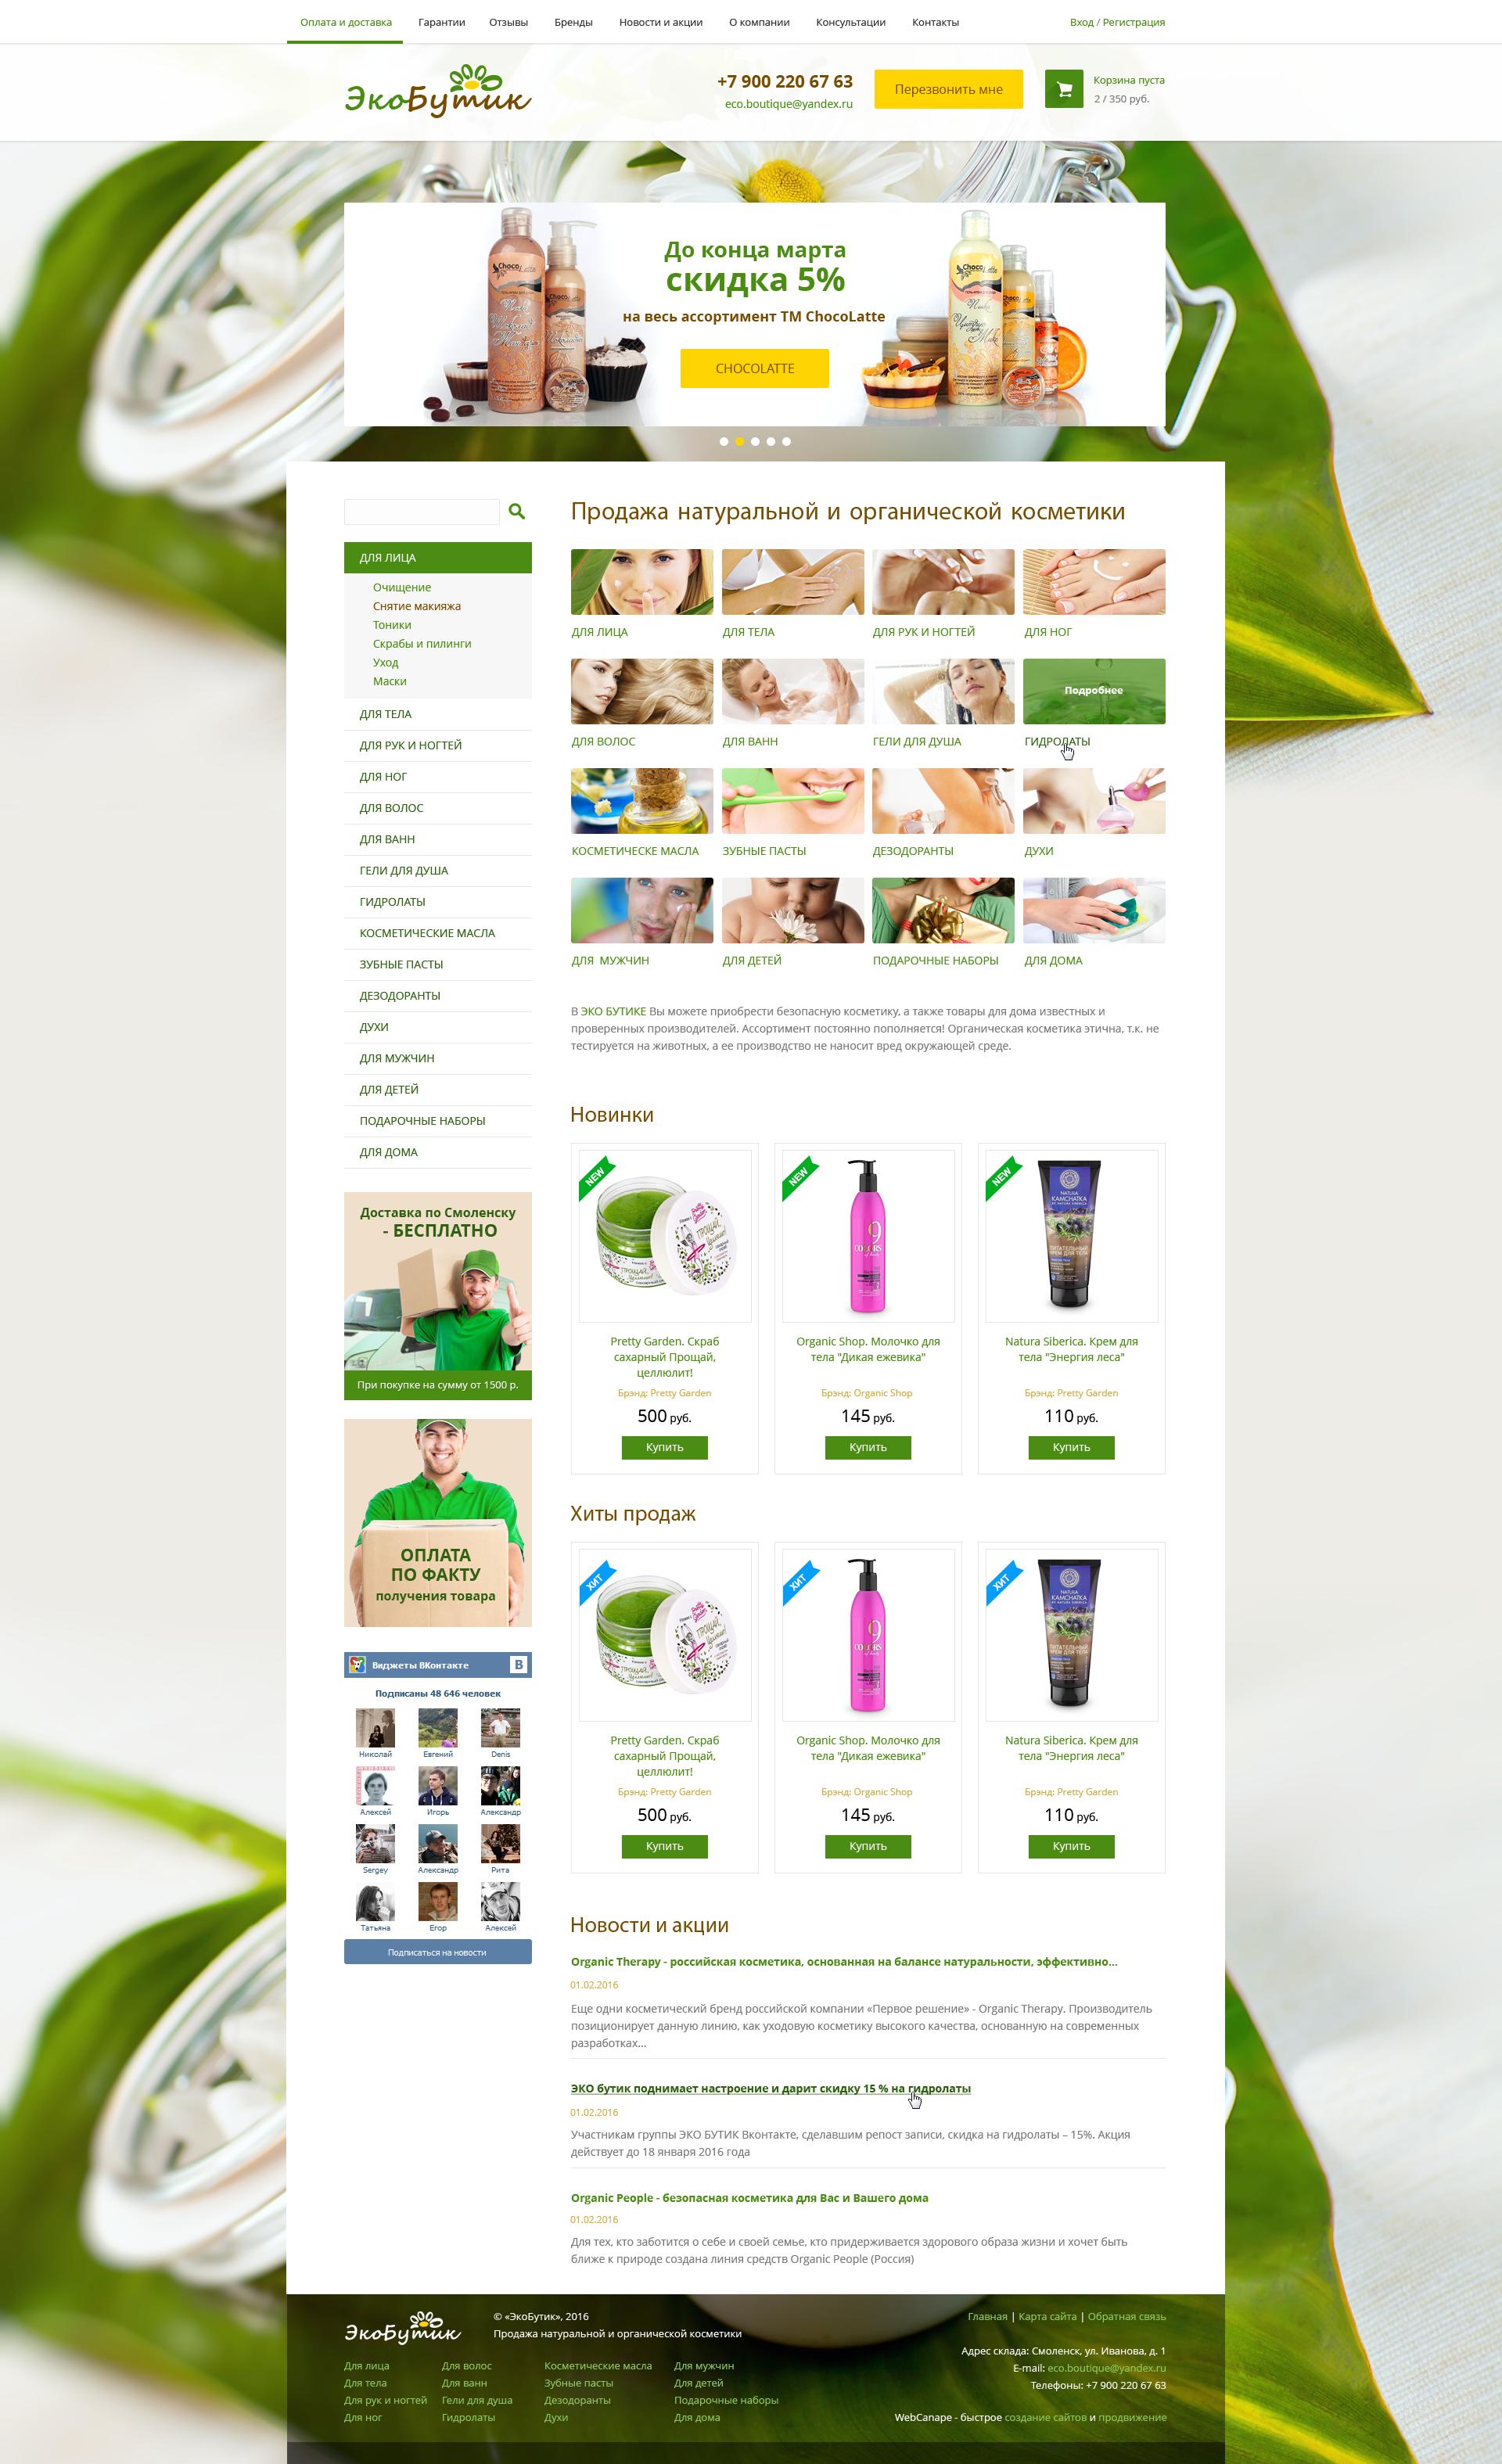 Разработка интернет-магазина натуральной косметики